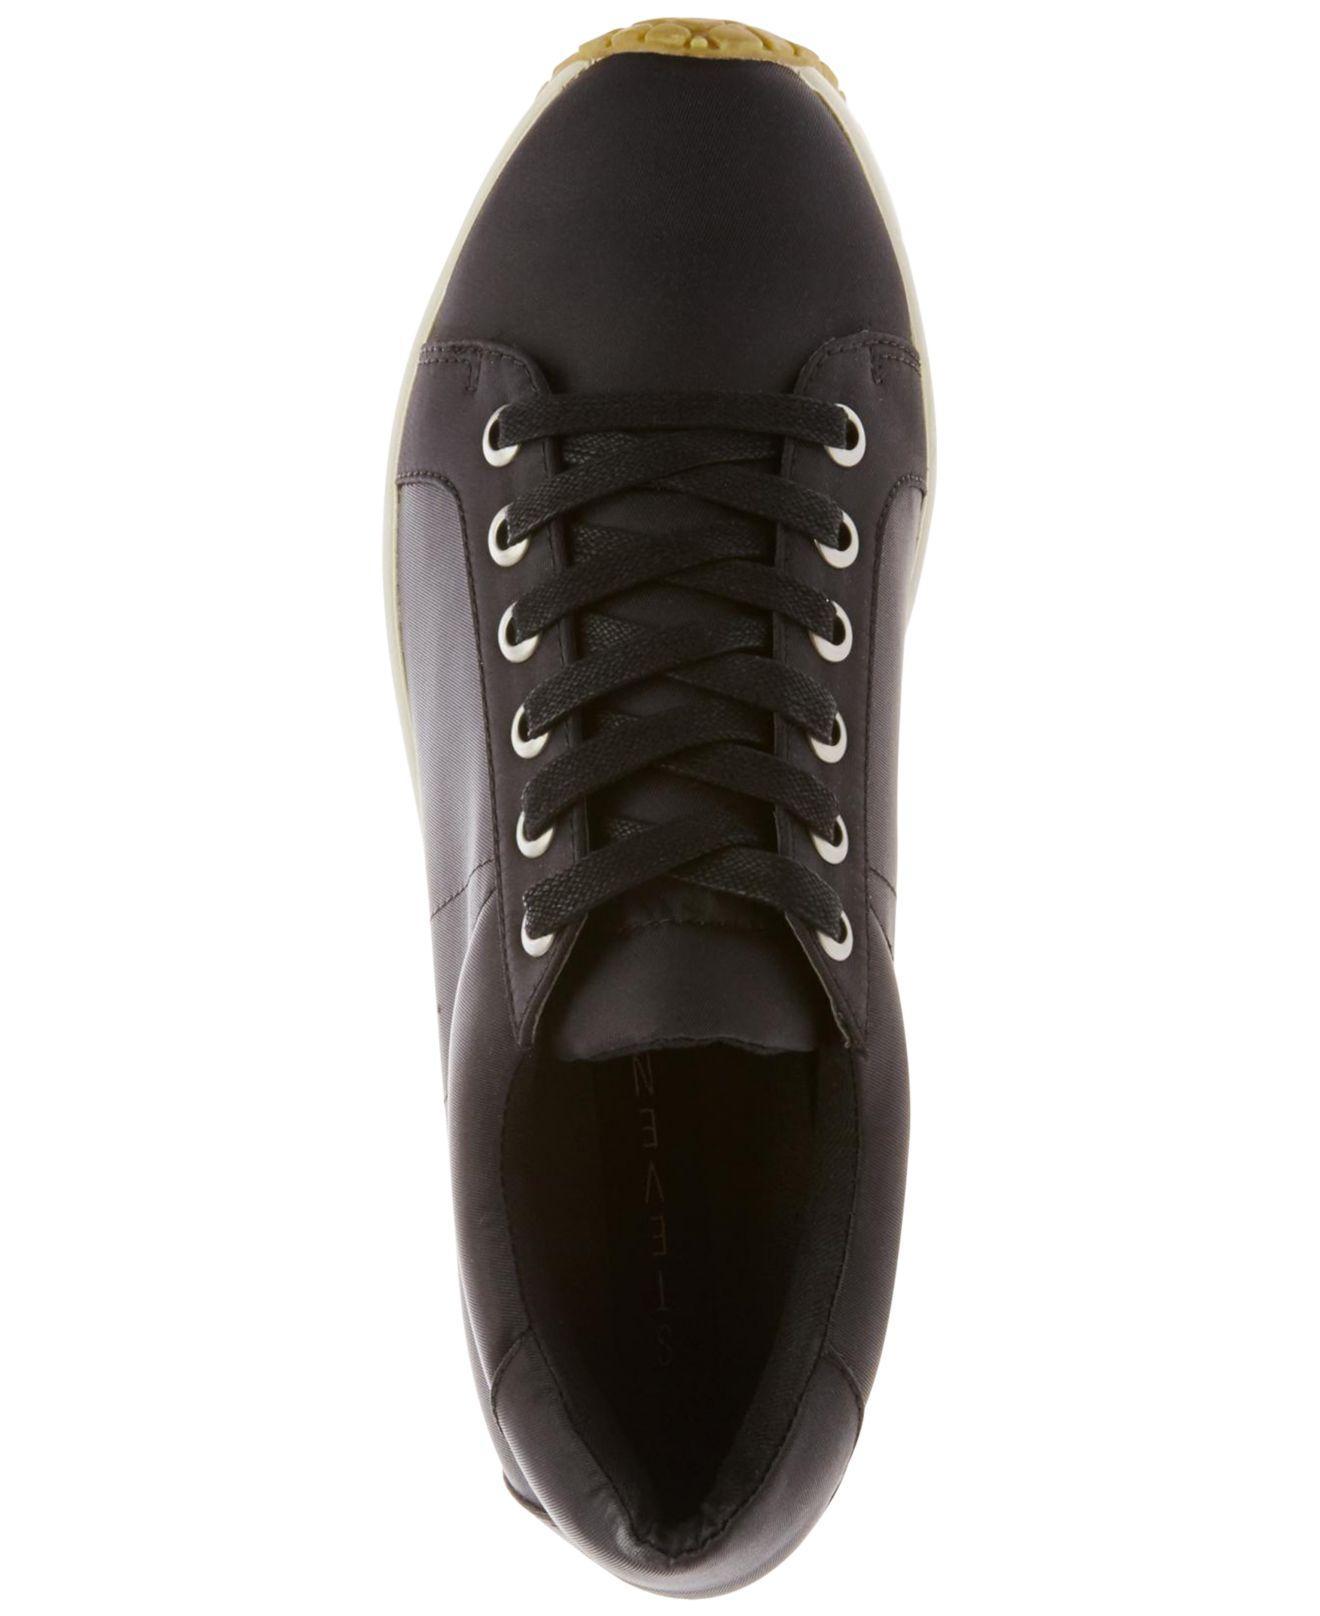 d92f86d4df6 Lyst - Steven by Steve Madden Women s Barb Platform Sneakers in Black